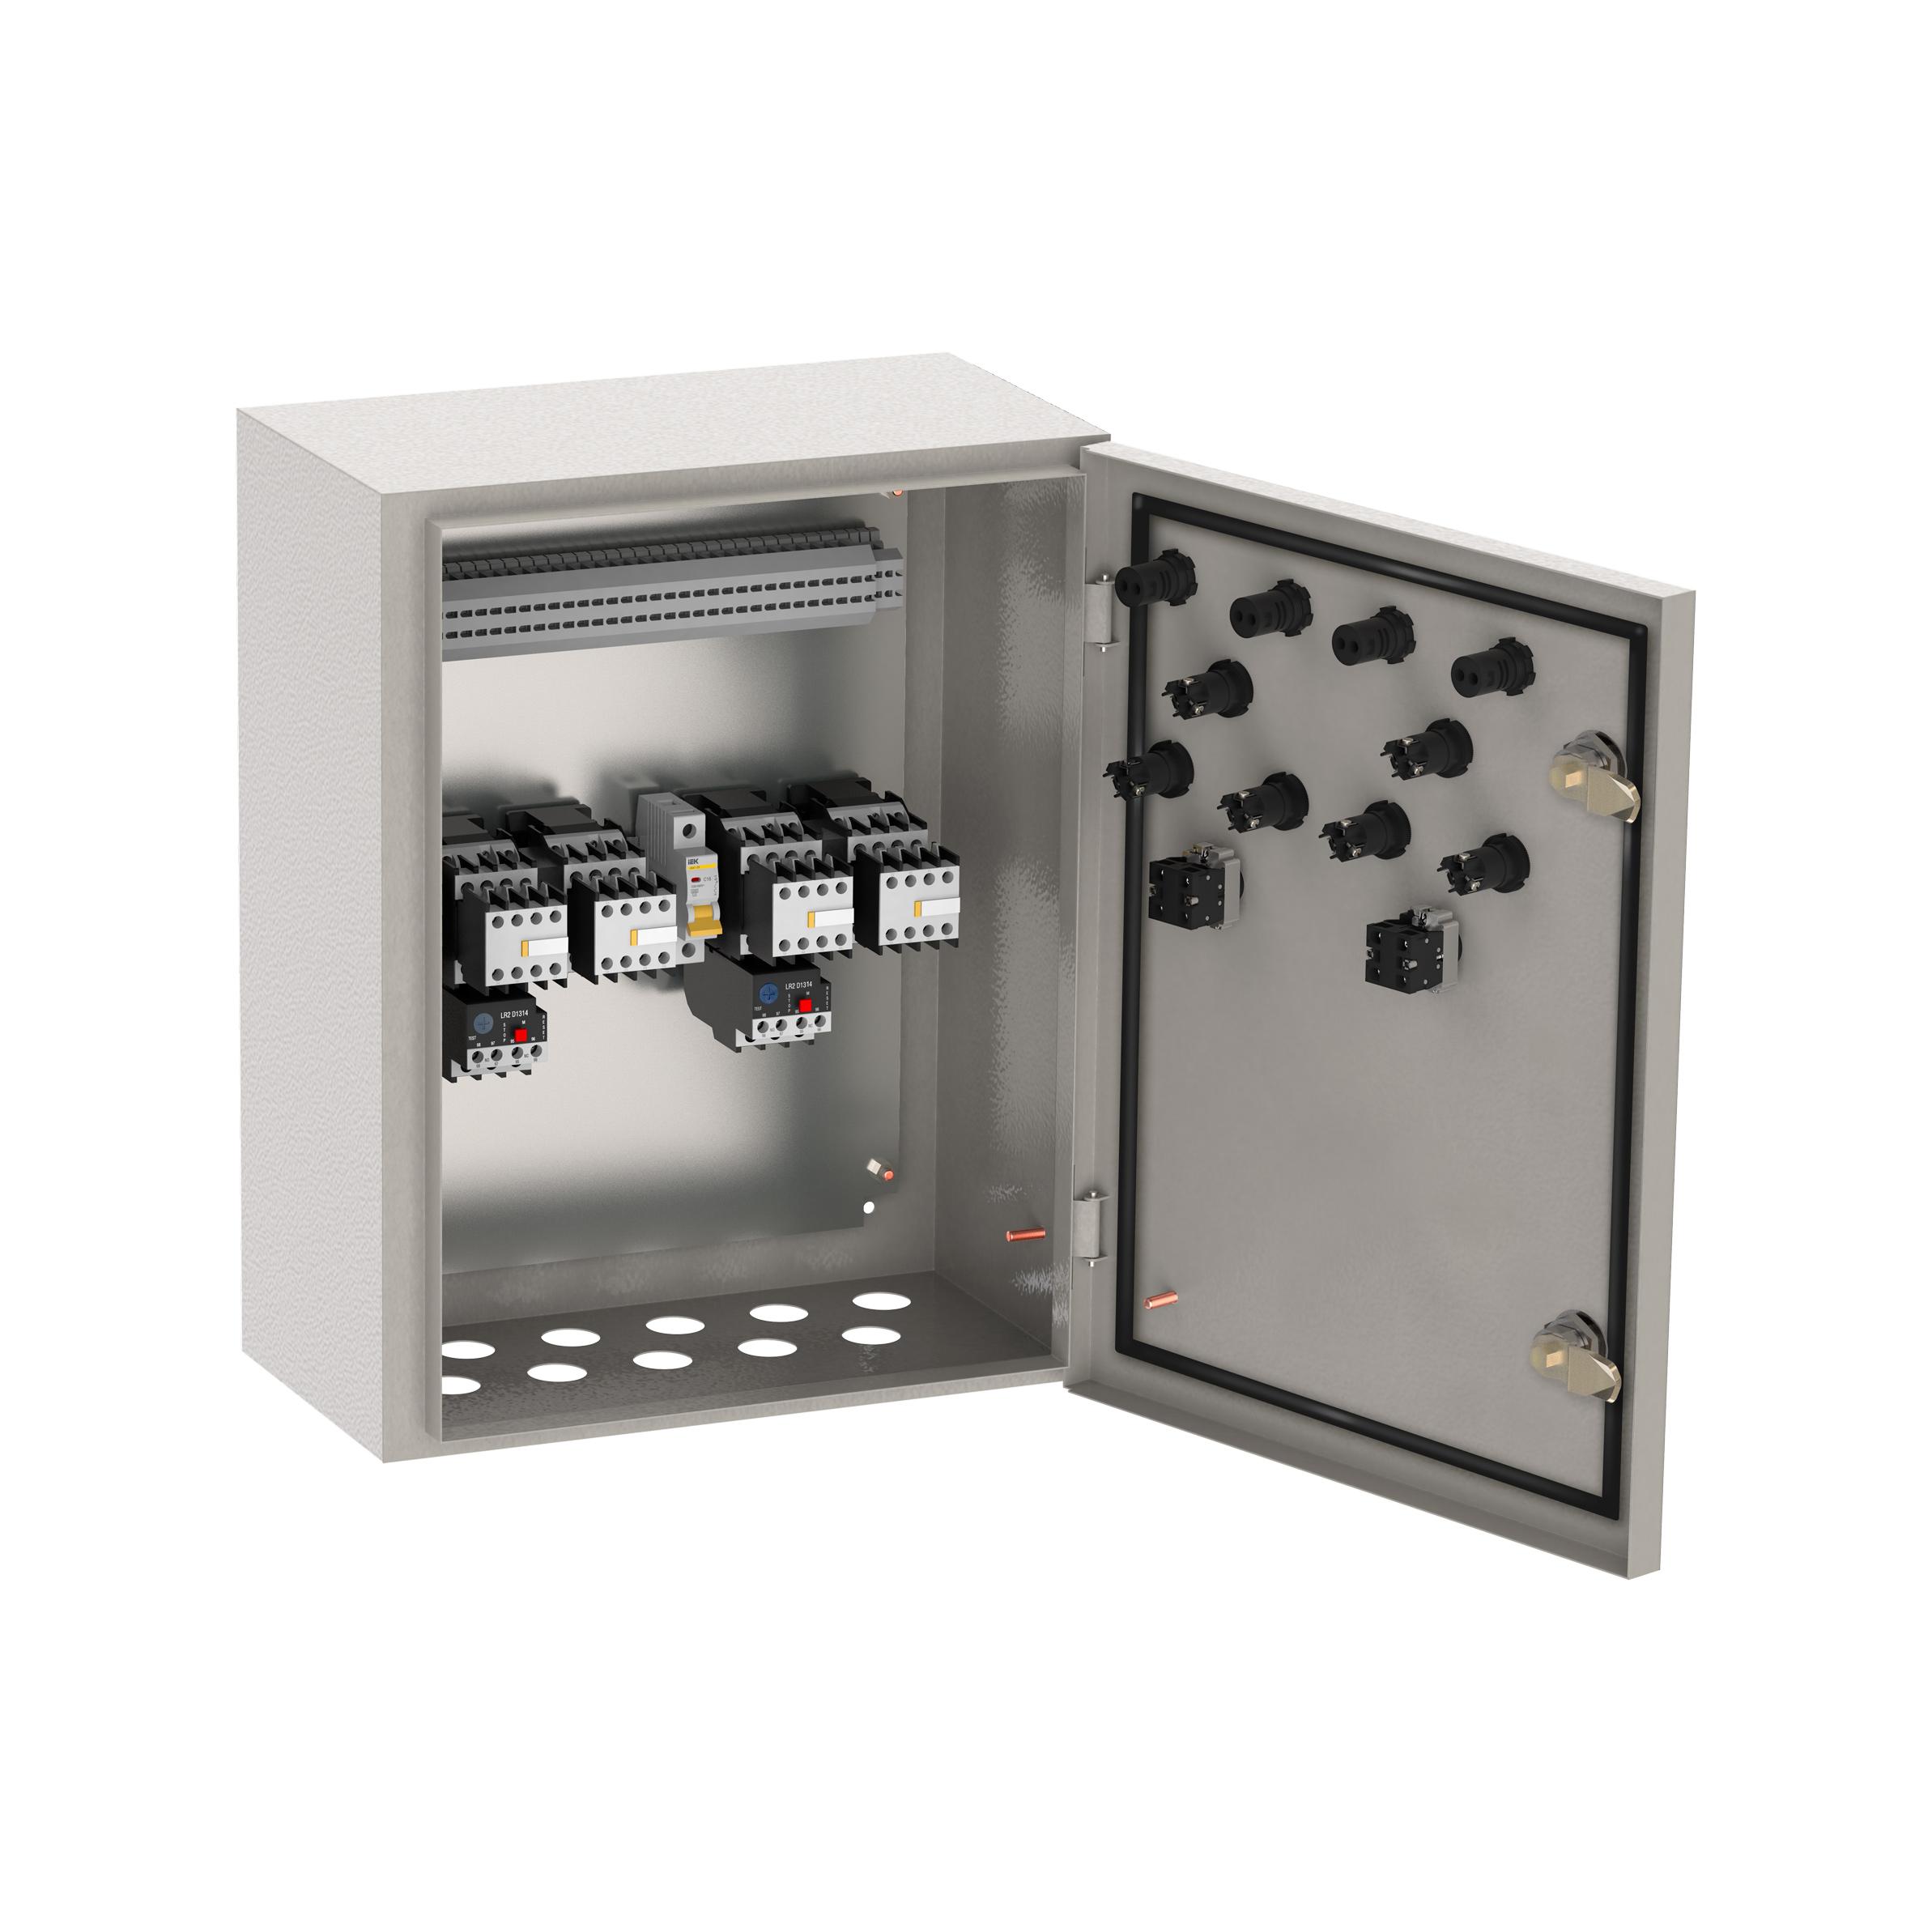 Ящик управления РУСМ5434-3074 реверсивный 2 фидера без автоматического выключателя без переключателя на автоматический режим 10А IP54 IEK